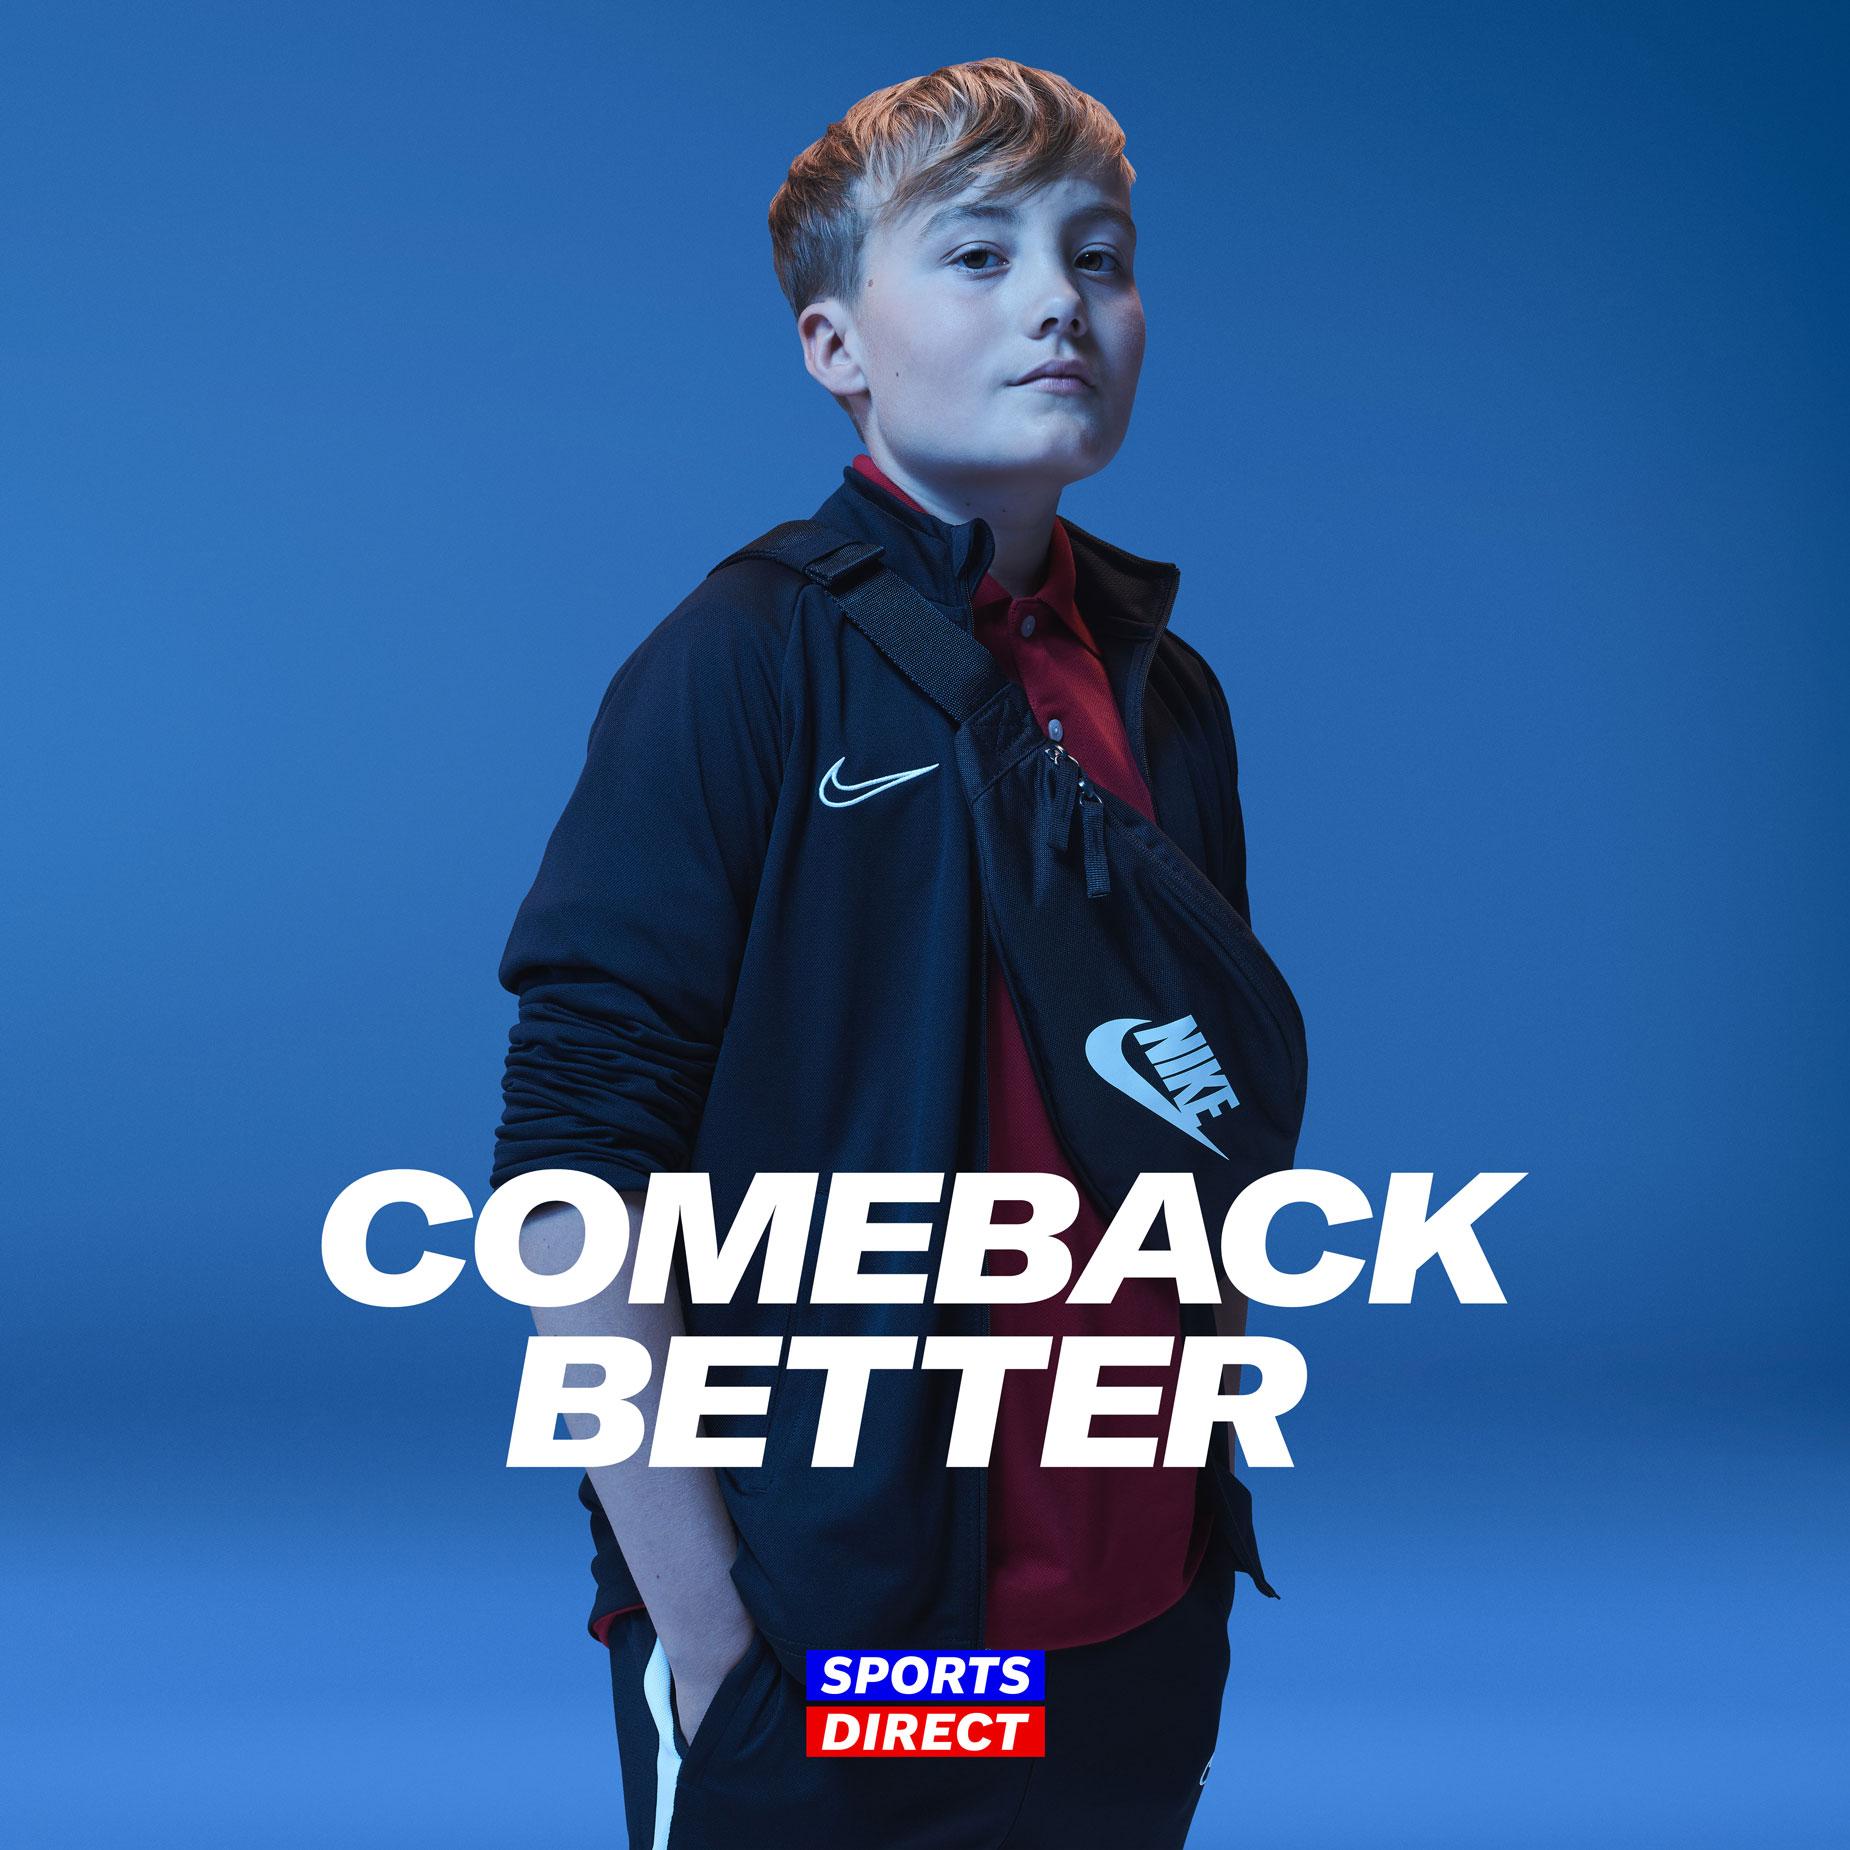 SD-Comeback-Better—Social-Square22